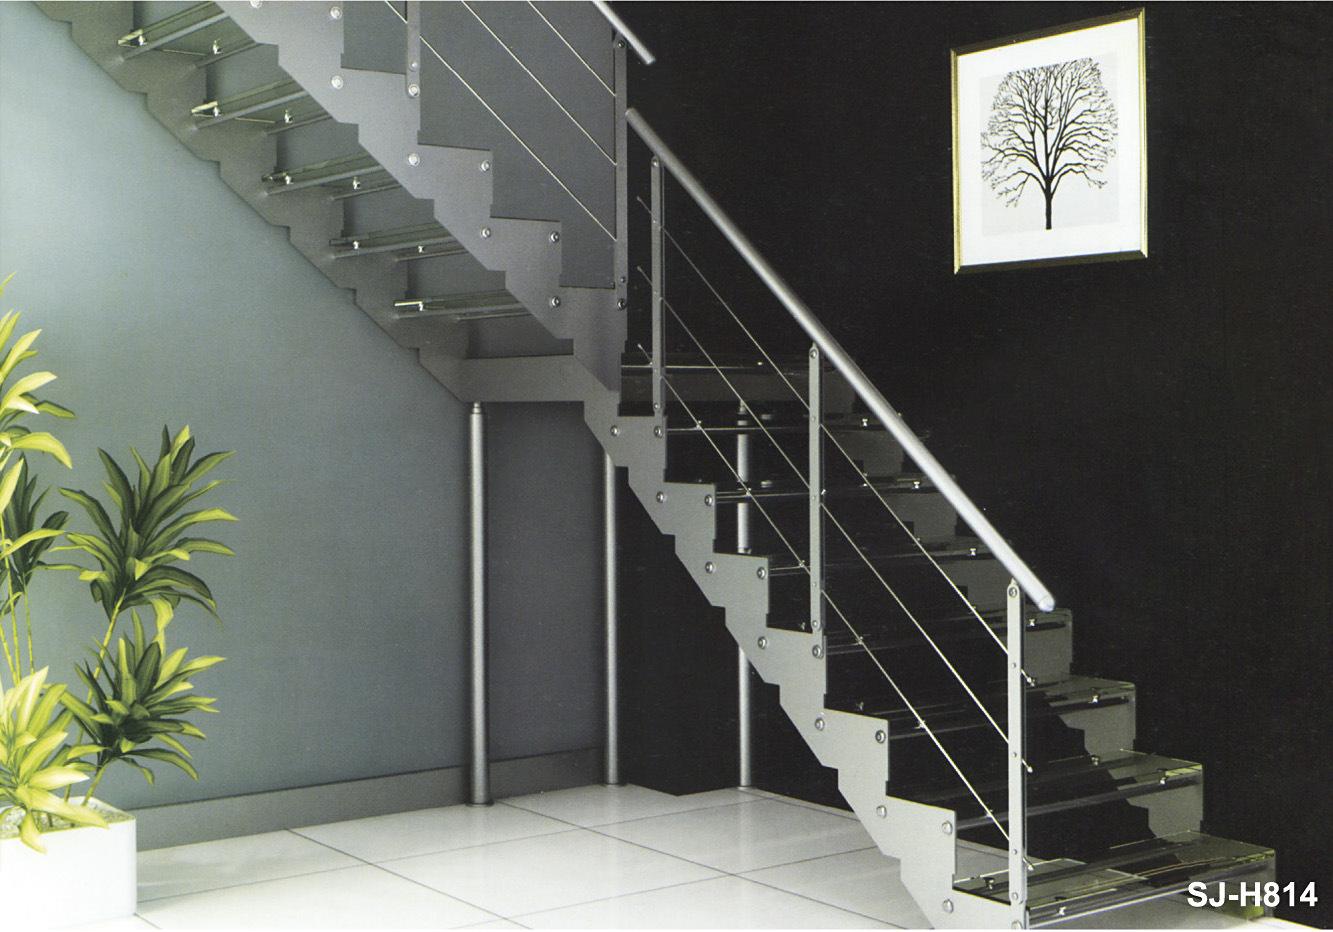 modern interior de metal laminado de vidrio escaleras hierro escaleras para casa residencial